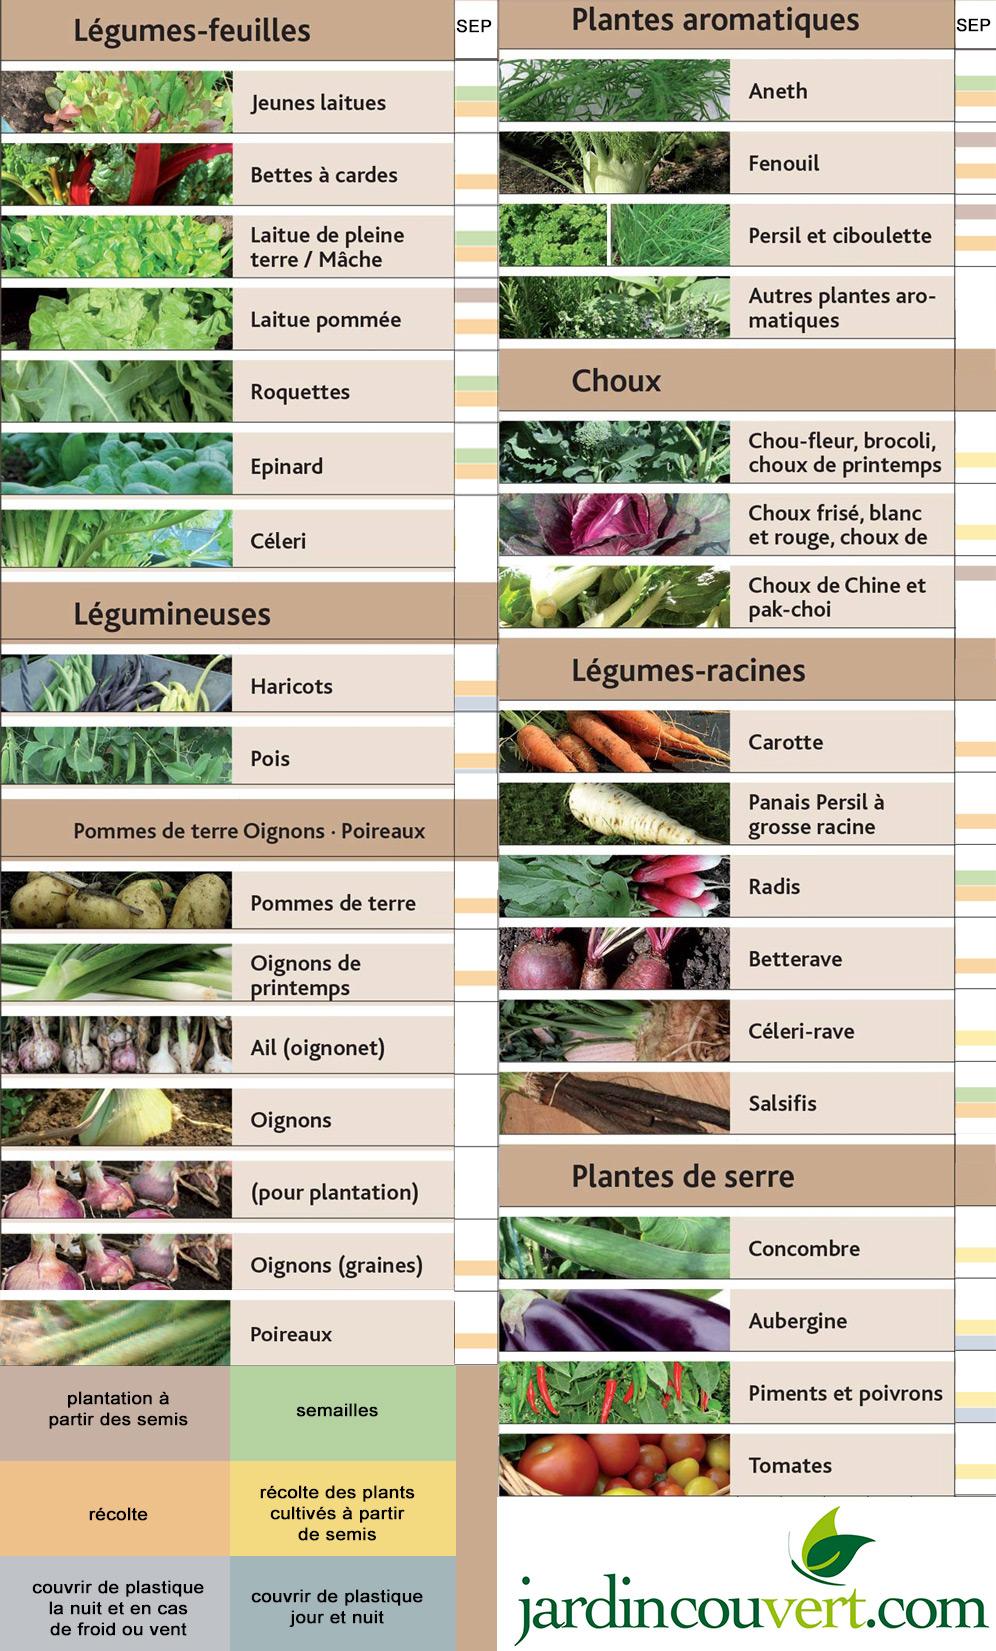 Potager en septembre : nos conseils pour un jardin efficace